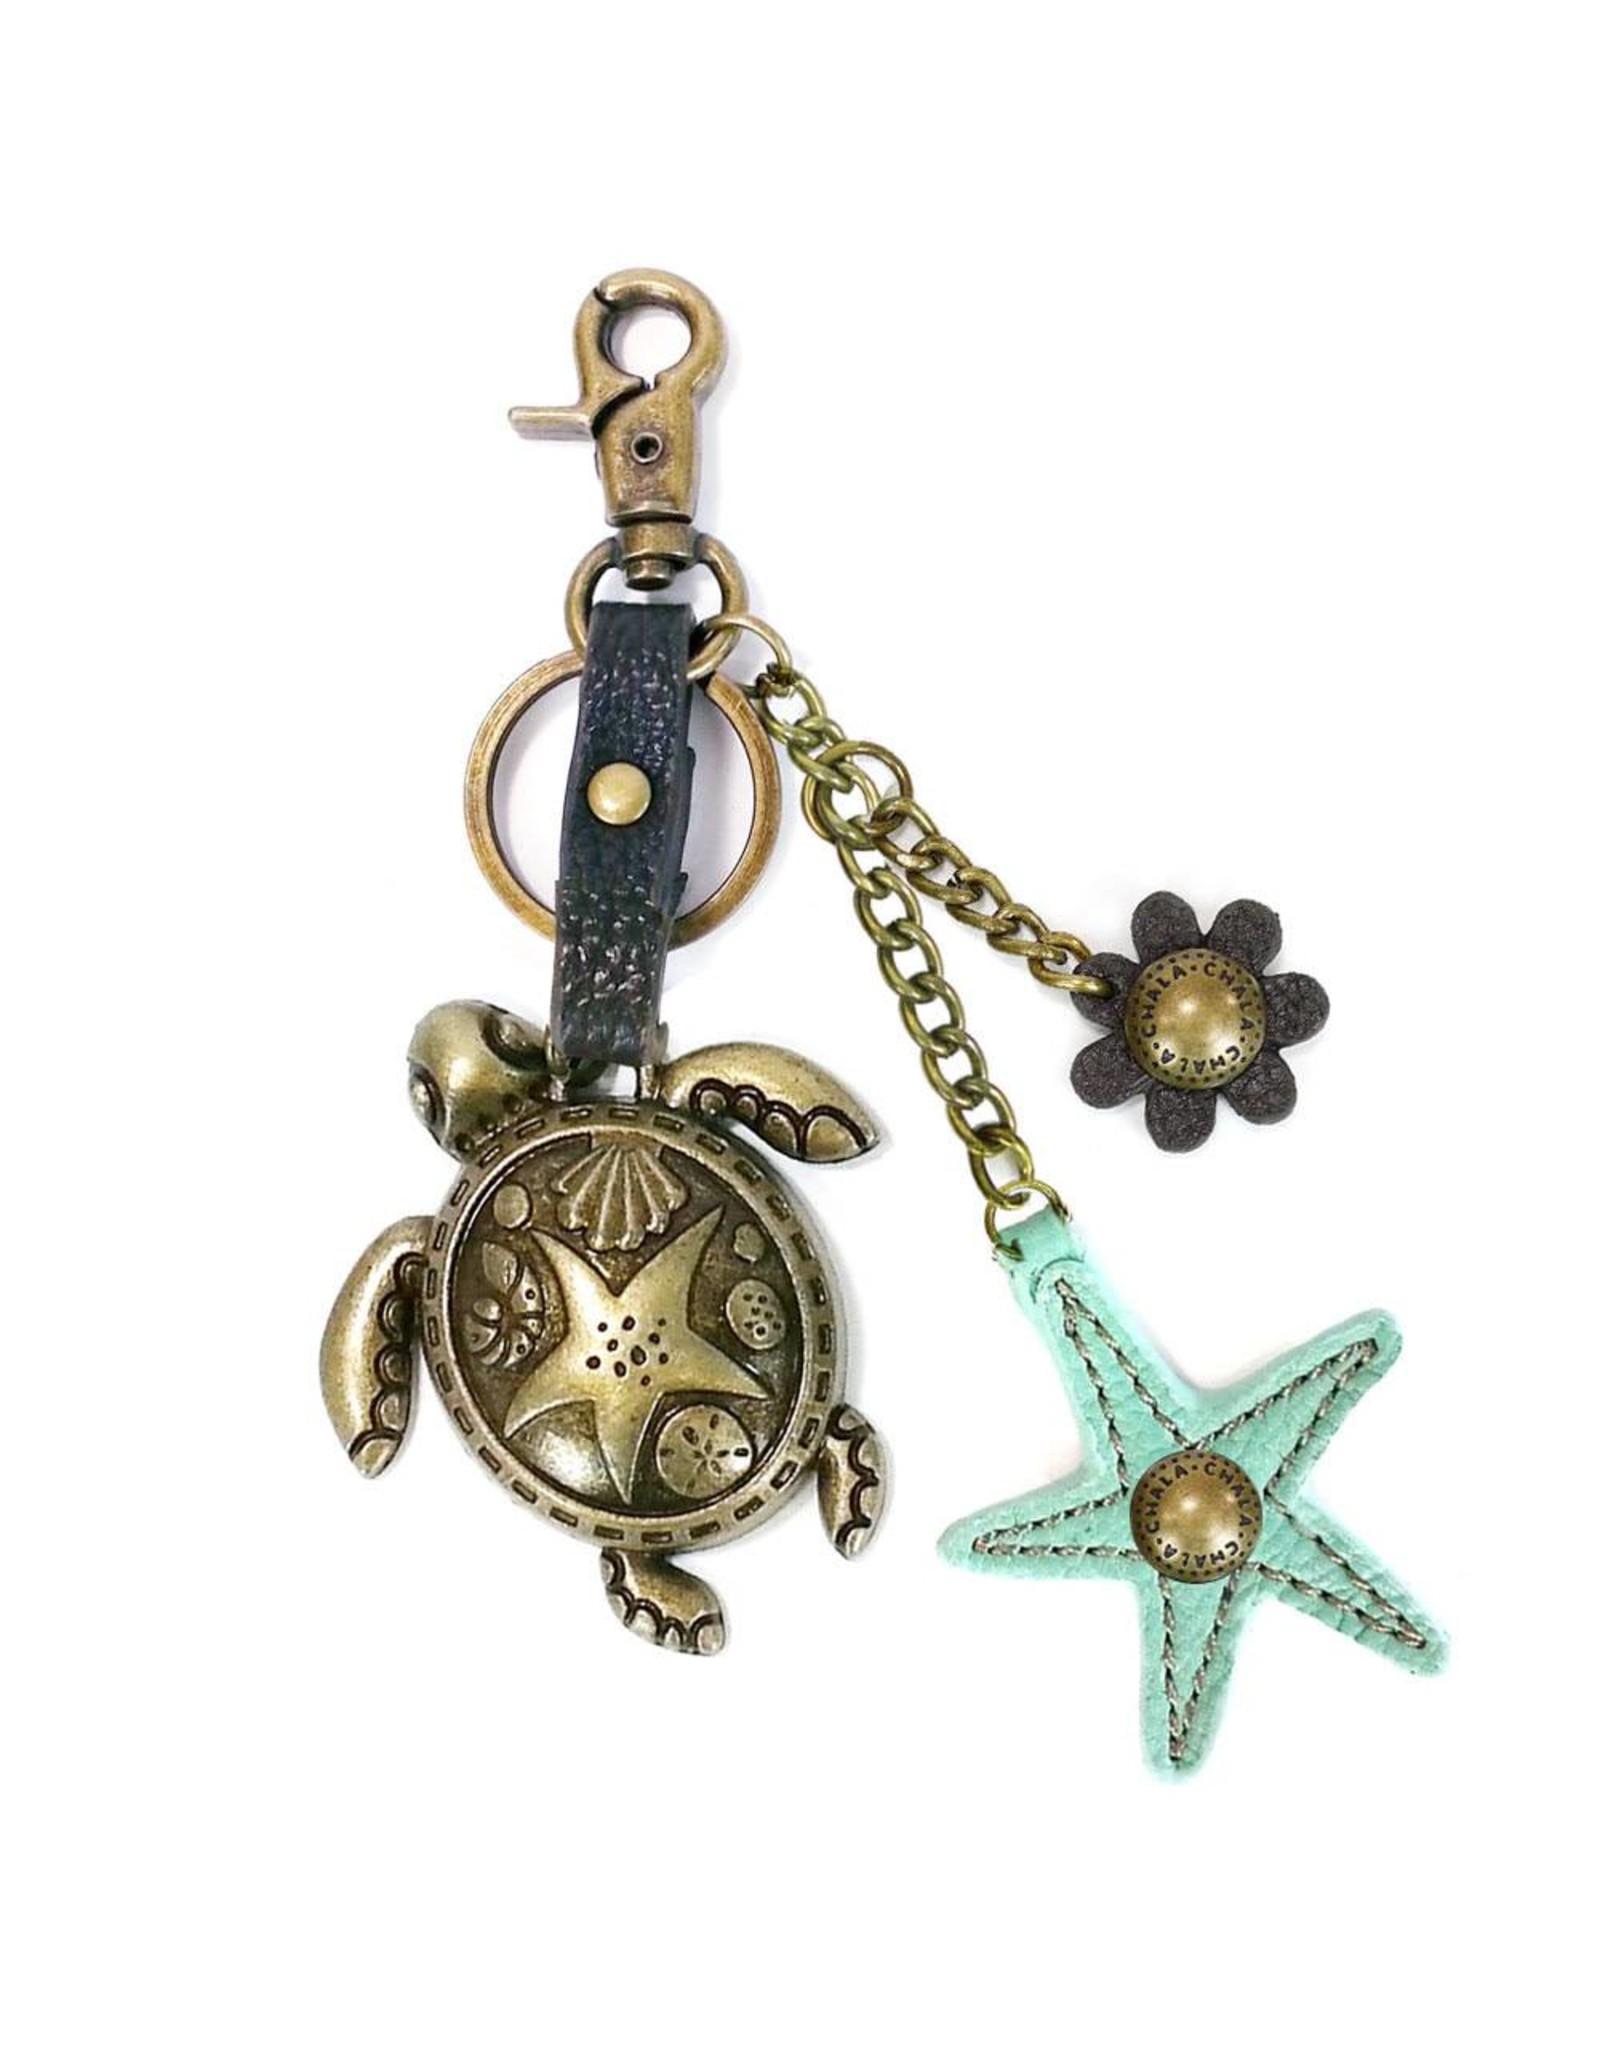 Chala Charming Key Chain Turtle Starfish